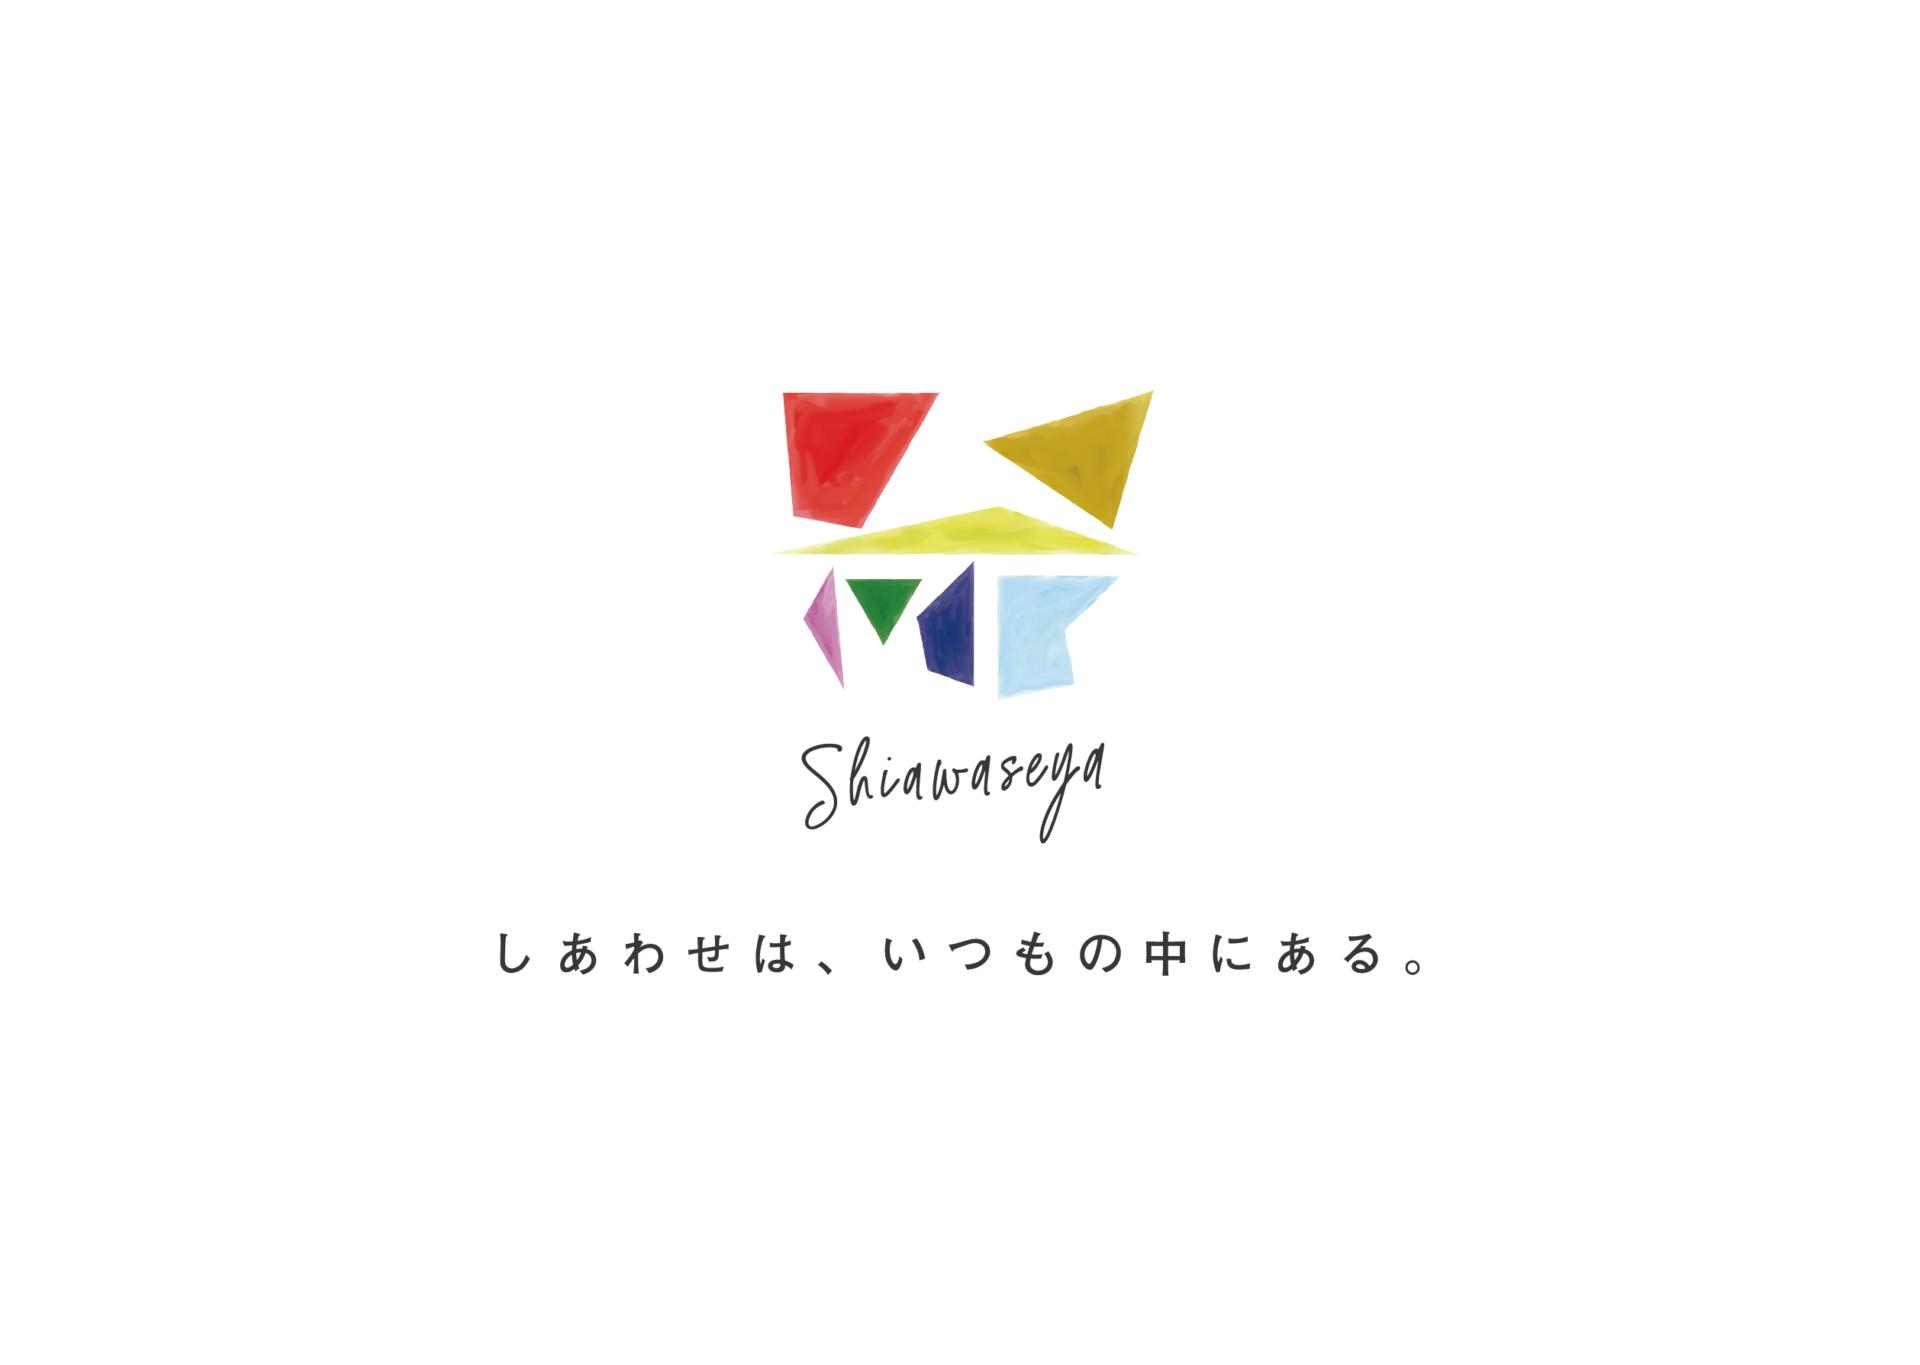 Shiawaseya-【お知らせ】HPリニューアルに伴うお知らせとメールアドレス変更